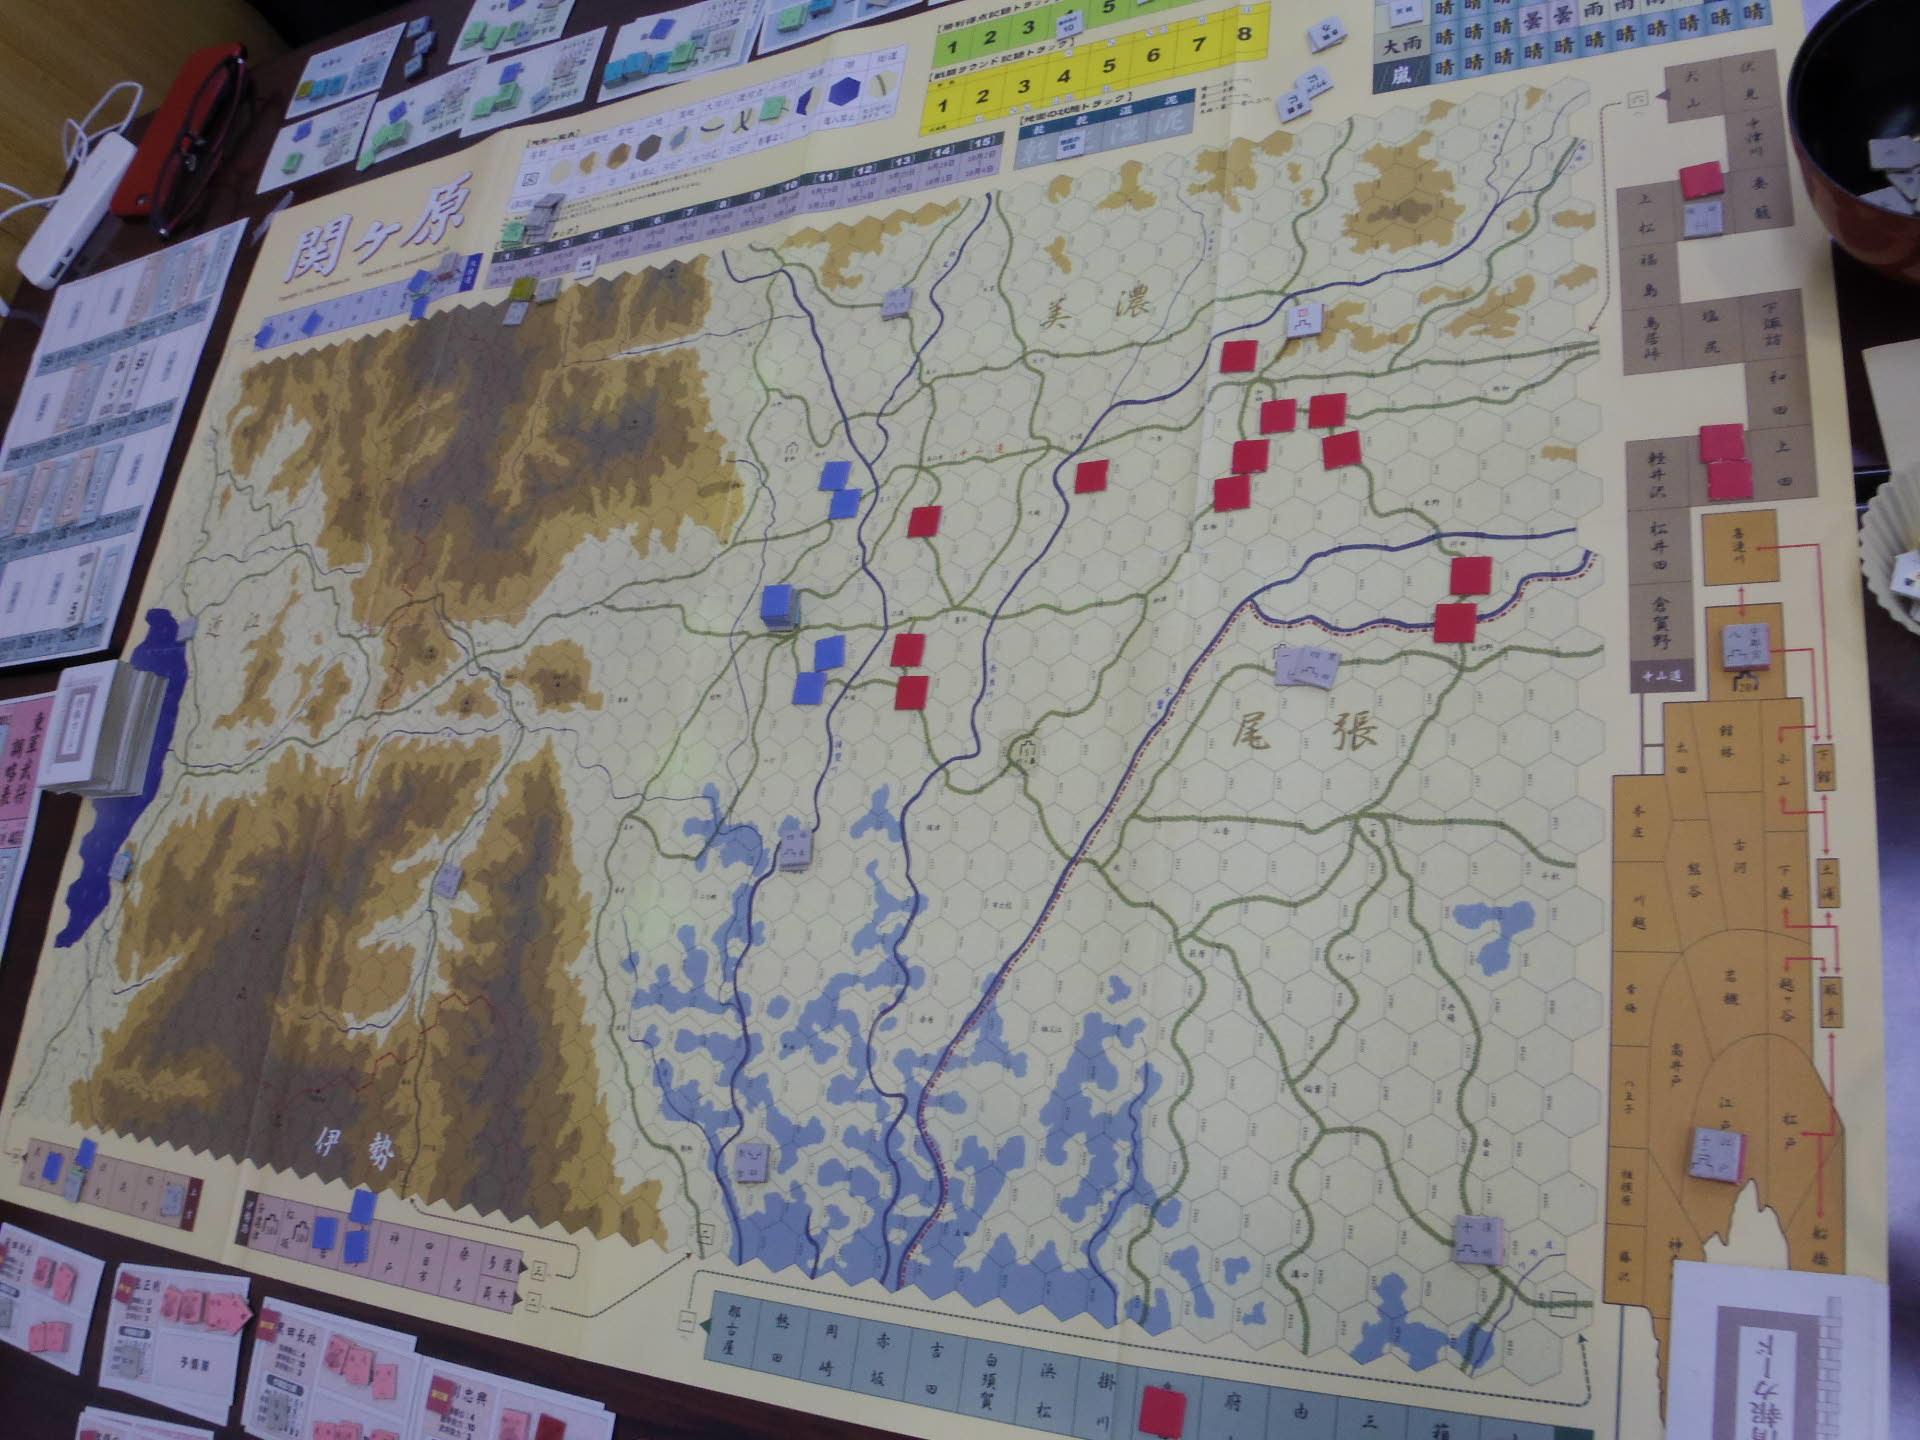 2019.04.29-30 GW連続例会の様子その13...(EP・サンセット)関ケ原_b0173672_12570478.jpg